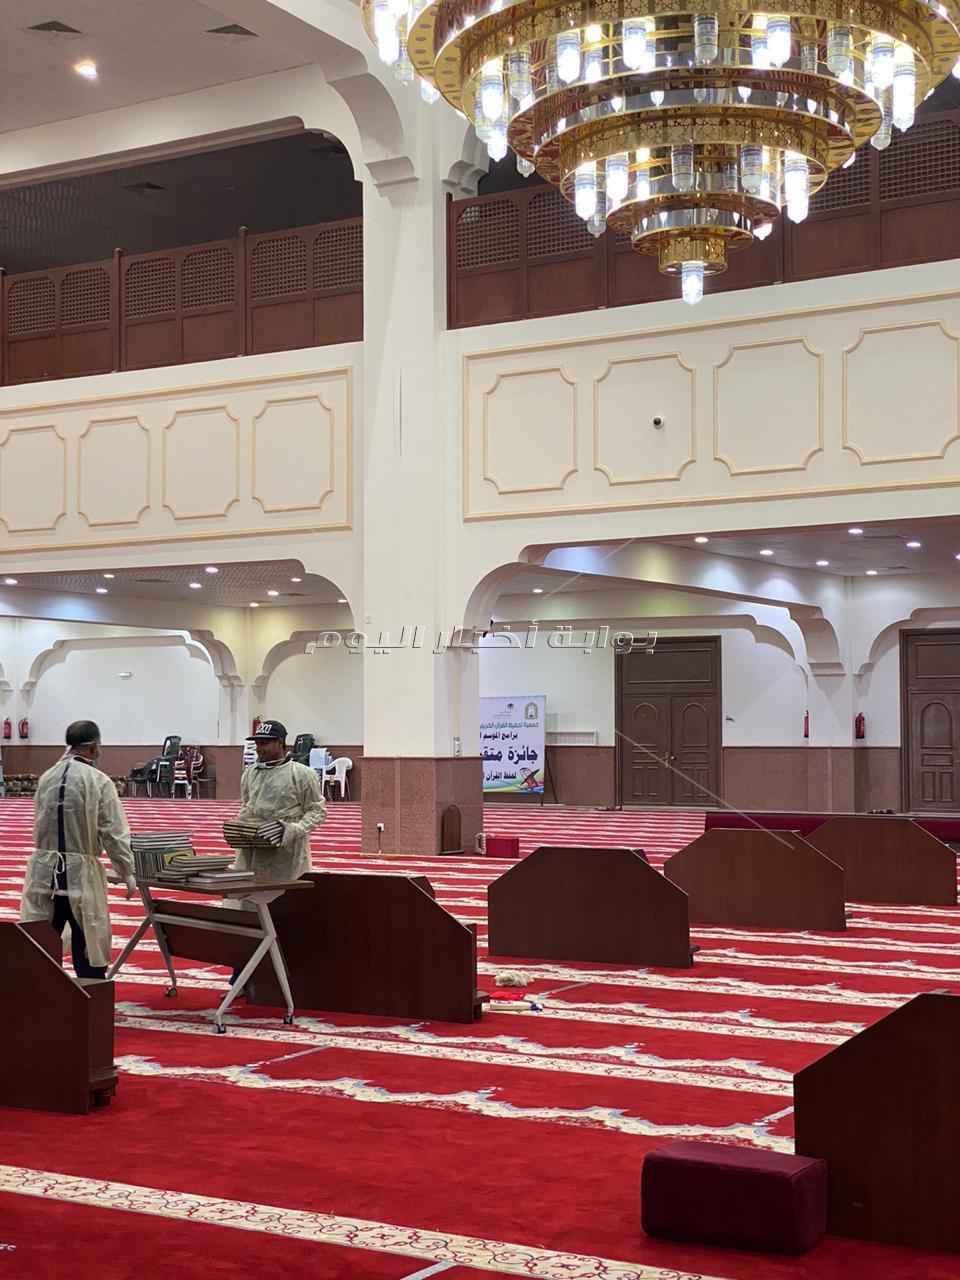 اللمسات الأخيرة للشؤون الإسلامية بالسعودية لفتح 90 ألف مسجد فجر الأحد القادم